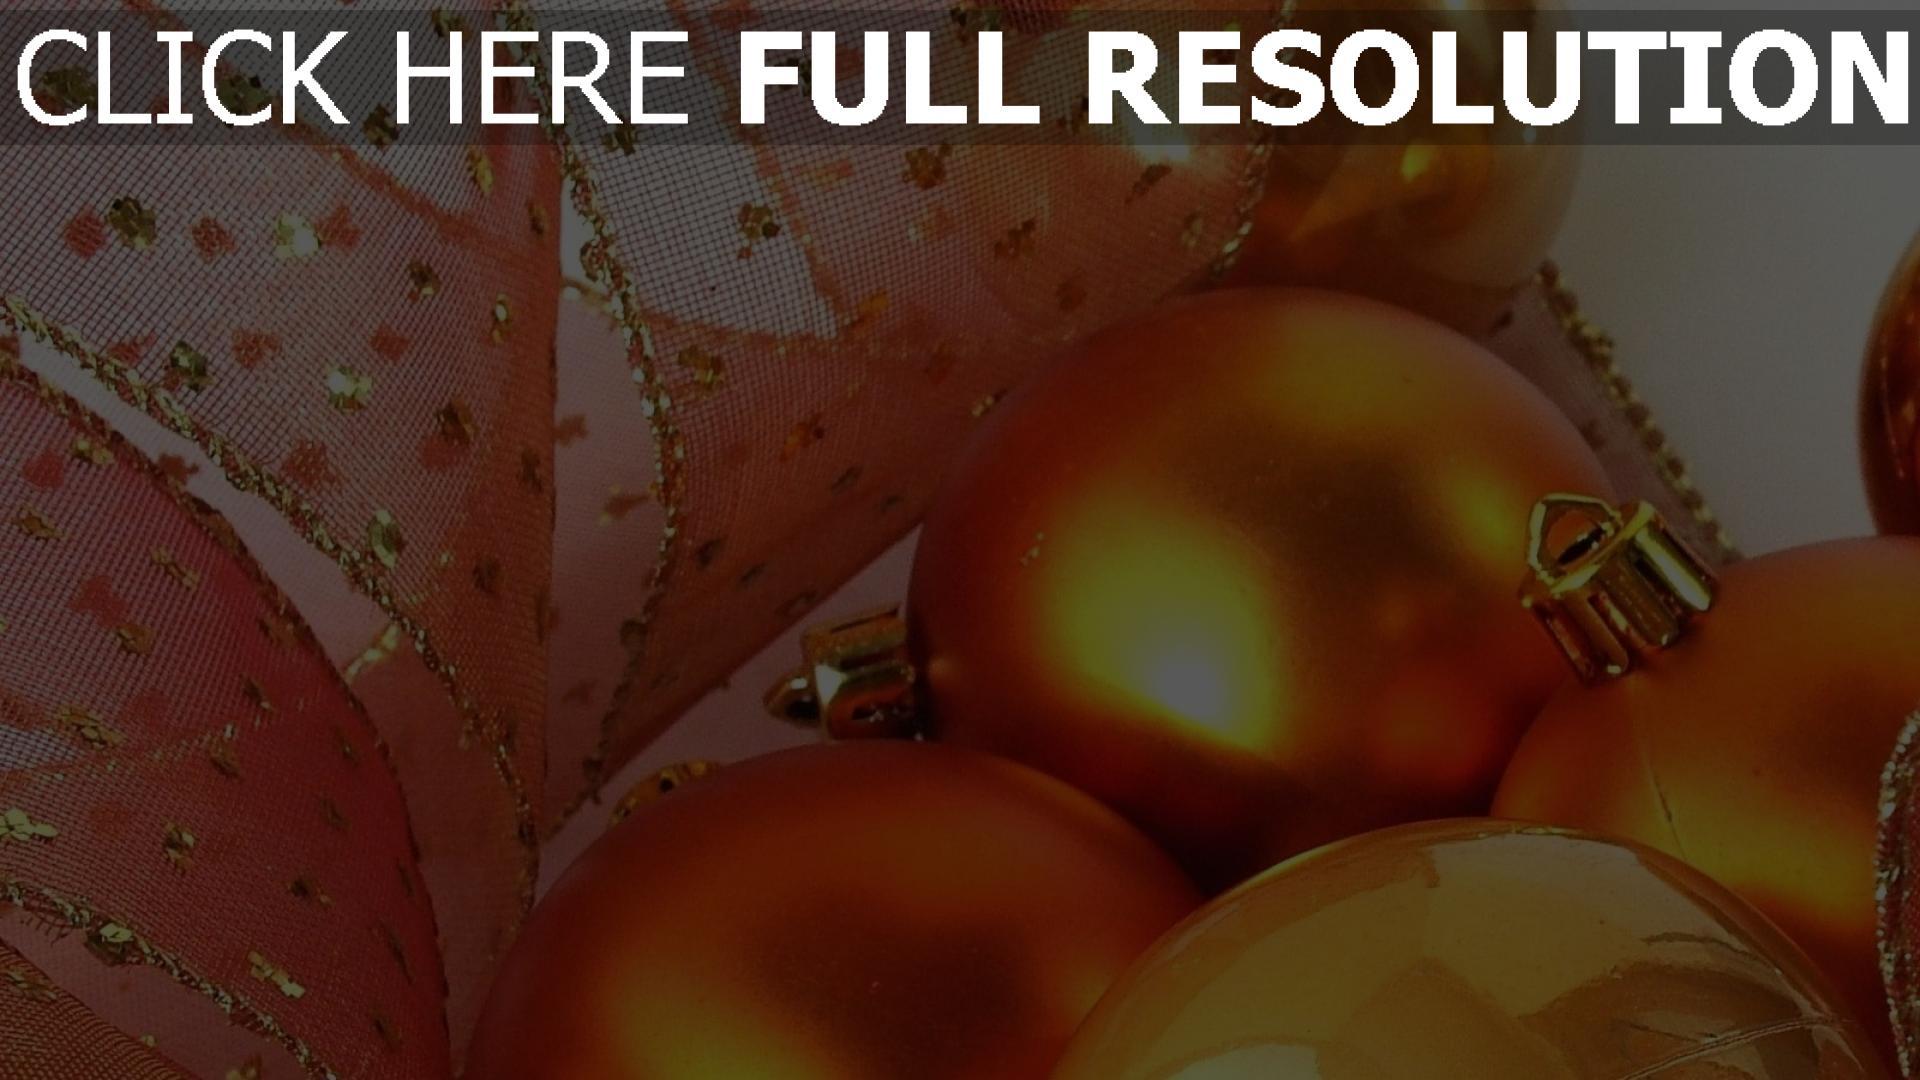 hd hintergrundbilder band close-up luftballons hintergründe dekorationen weihnachten tapeten gold 1920x1080